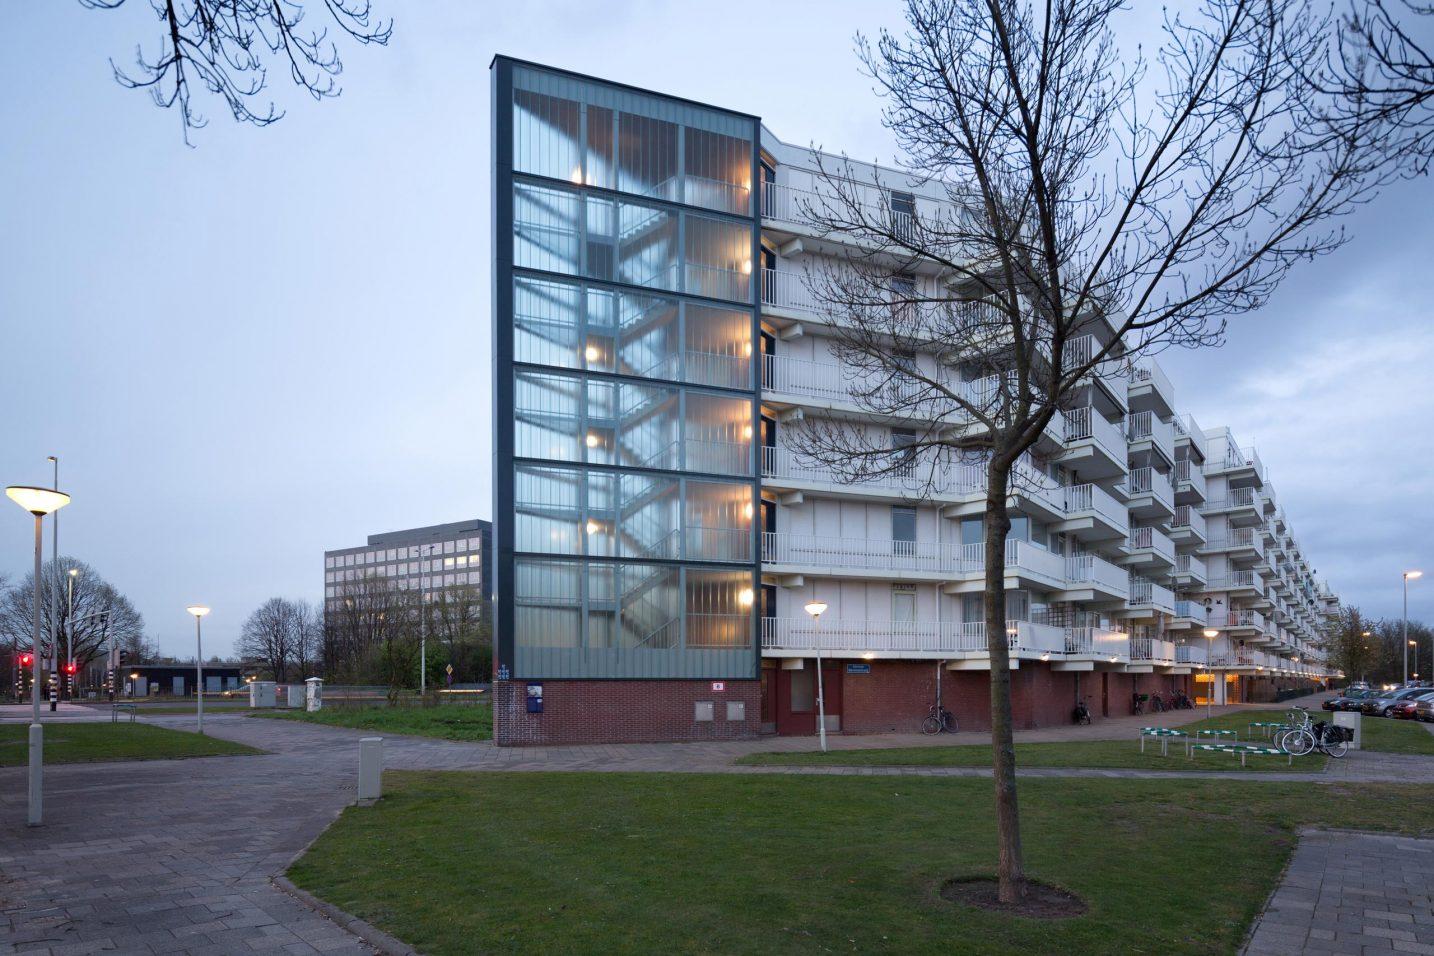 gerenoveerd trappenhuis (westzijde) met nieuwe glasgevel